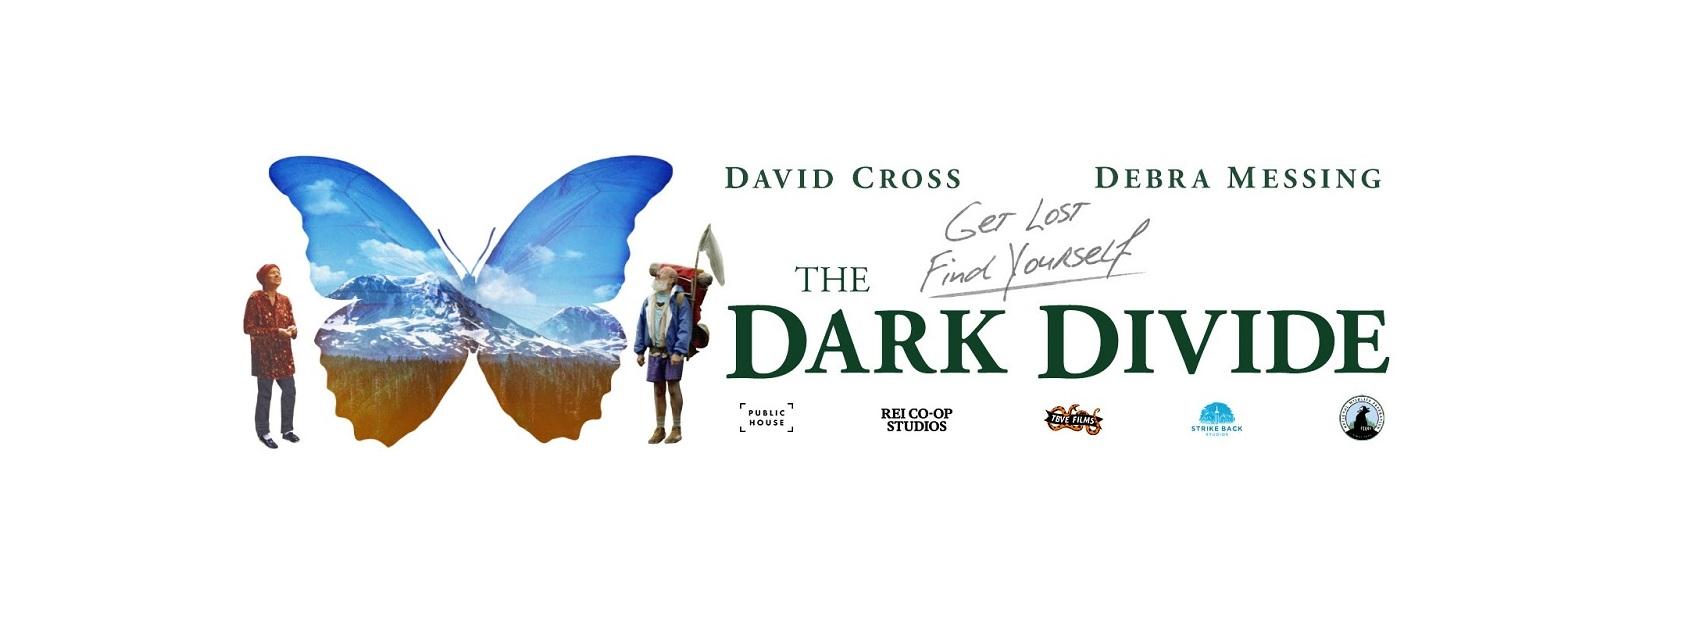 The Dark Divide header image